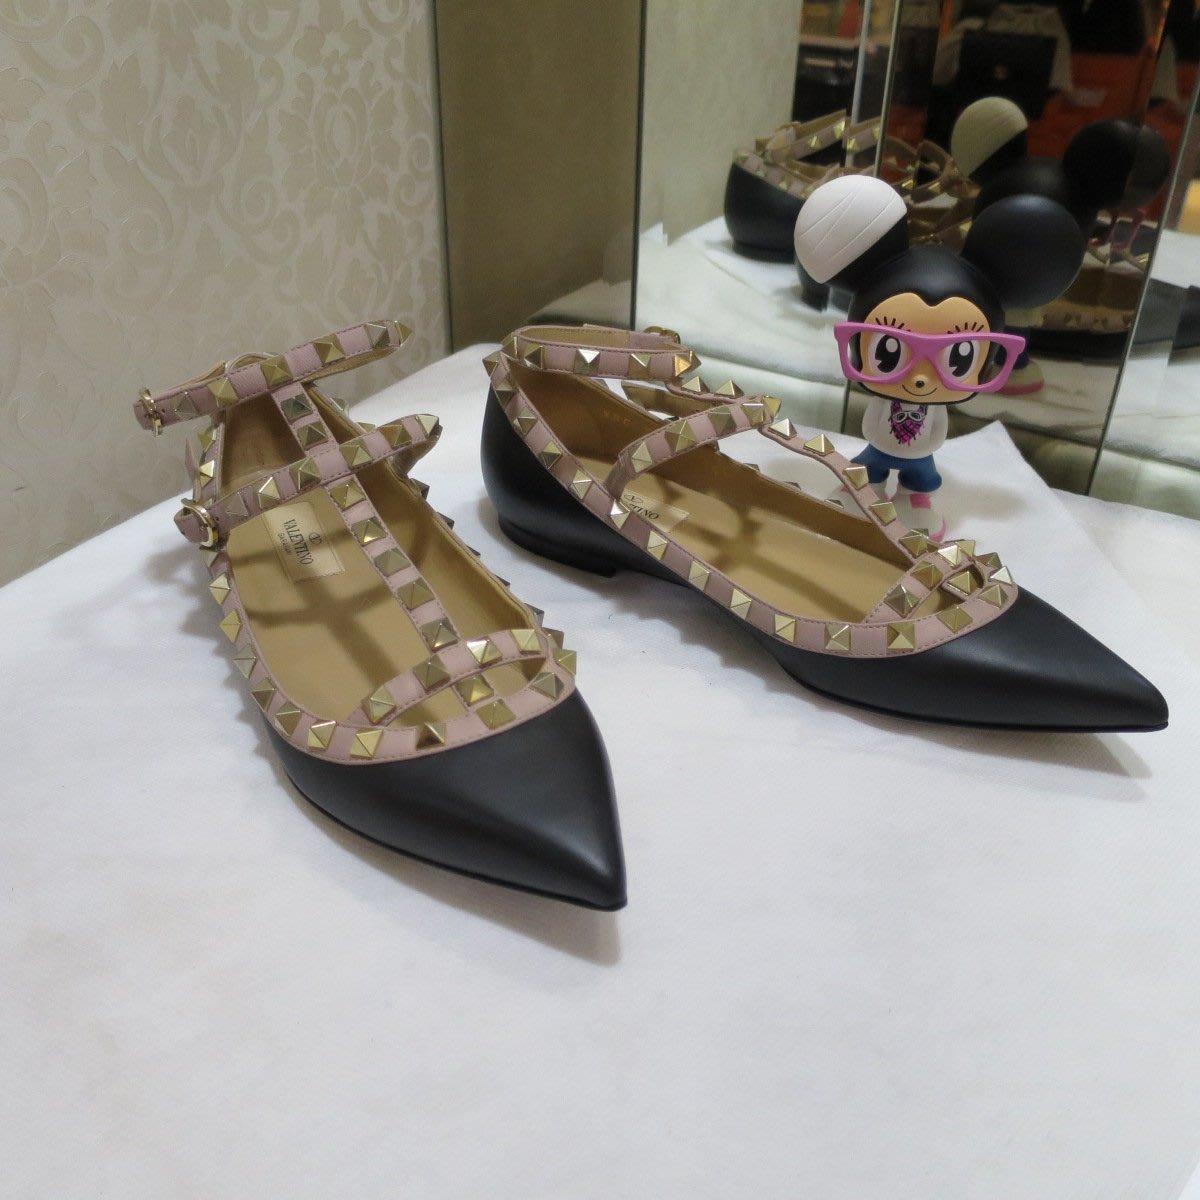 典精品名店 Valentino 真品 黑色 鉚釘鞋 平底鞋 尺寸 36.5 現貨